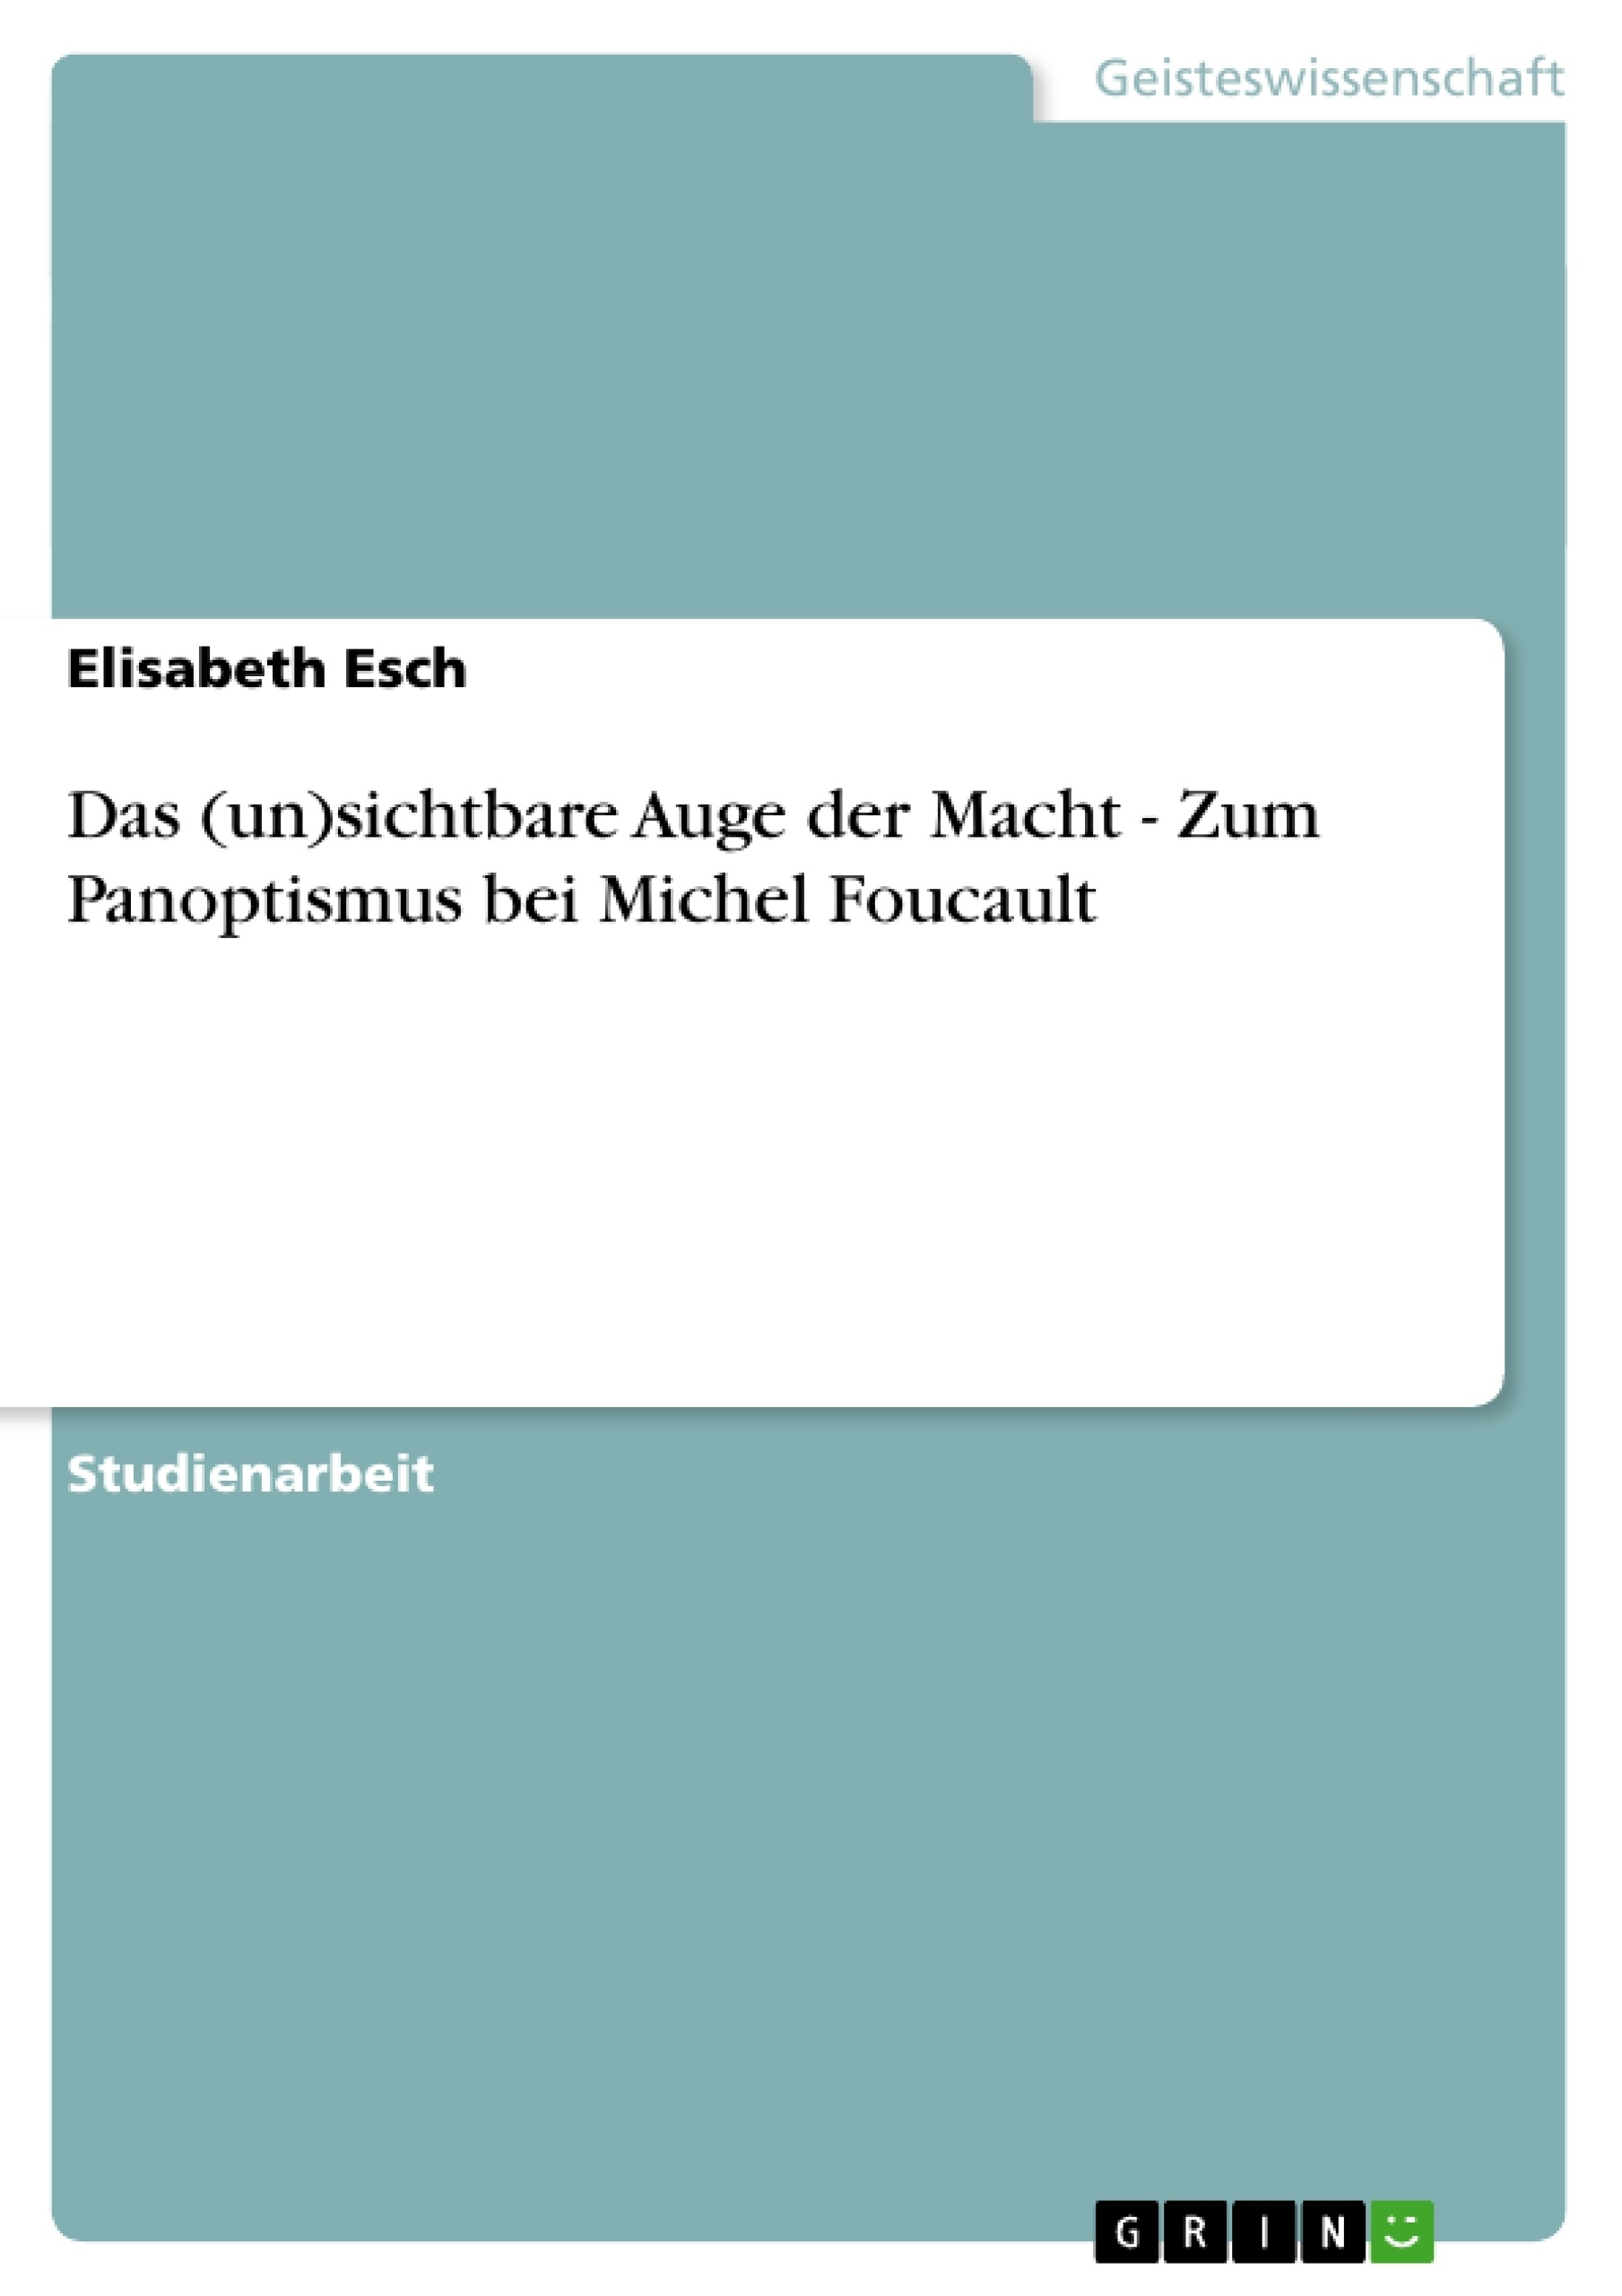 Titel: Das (un)sichtbare Auge der Macht - Zum Panoptismus bei Michel Foucault